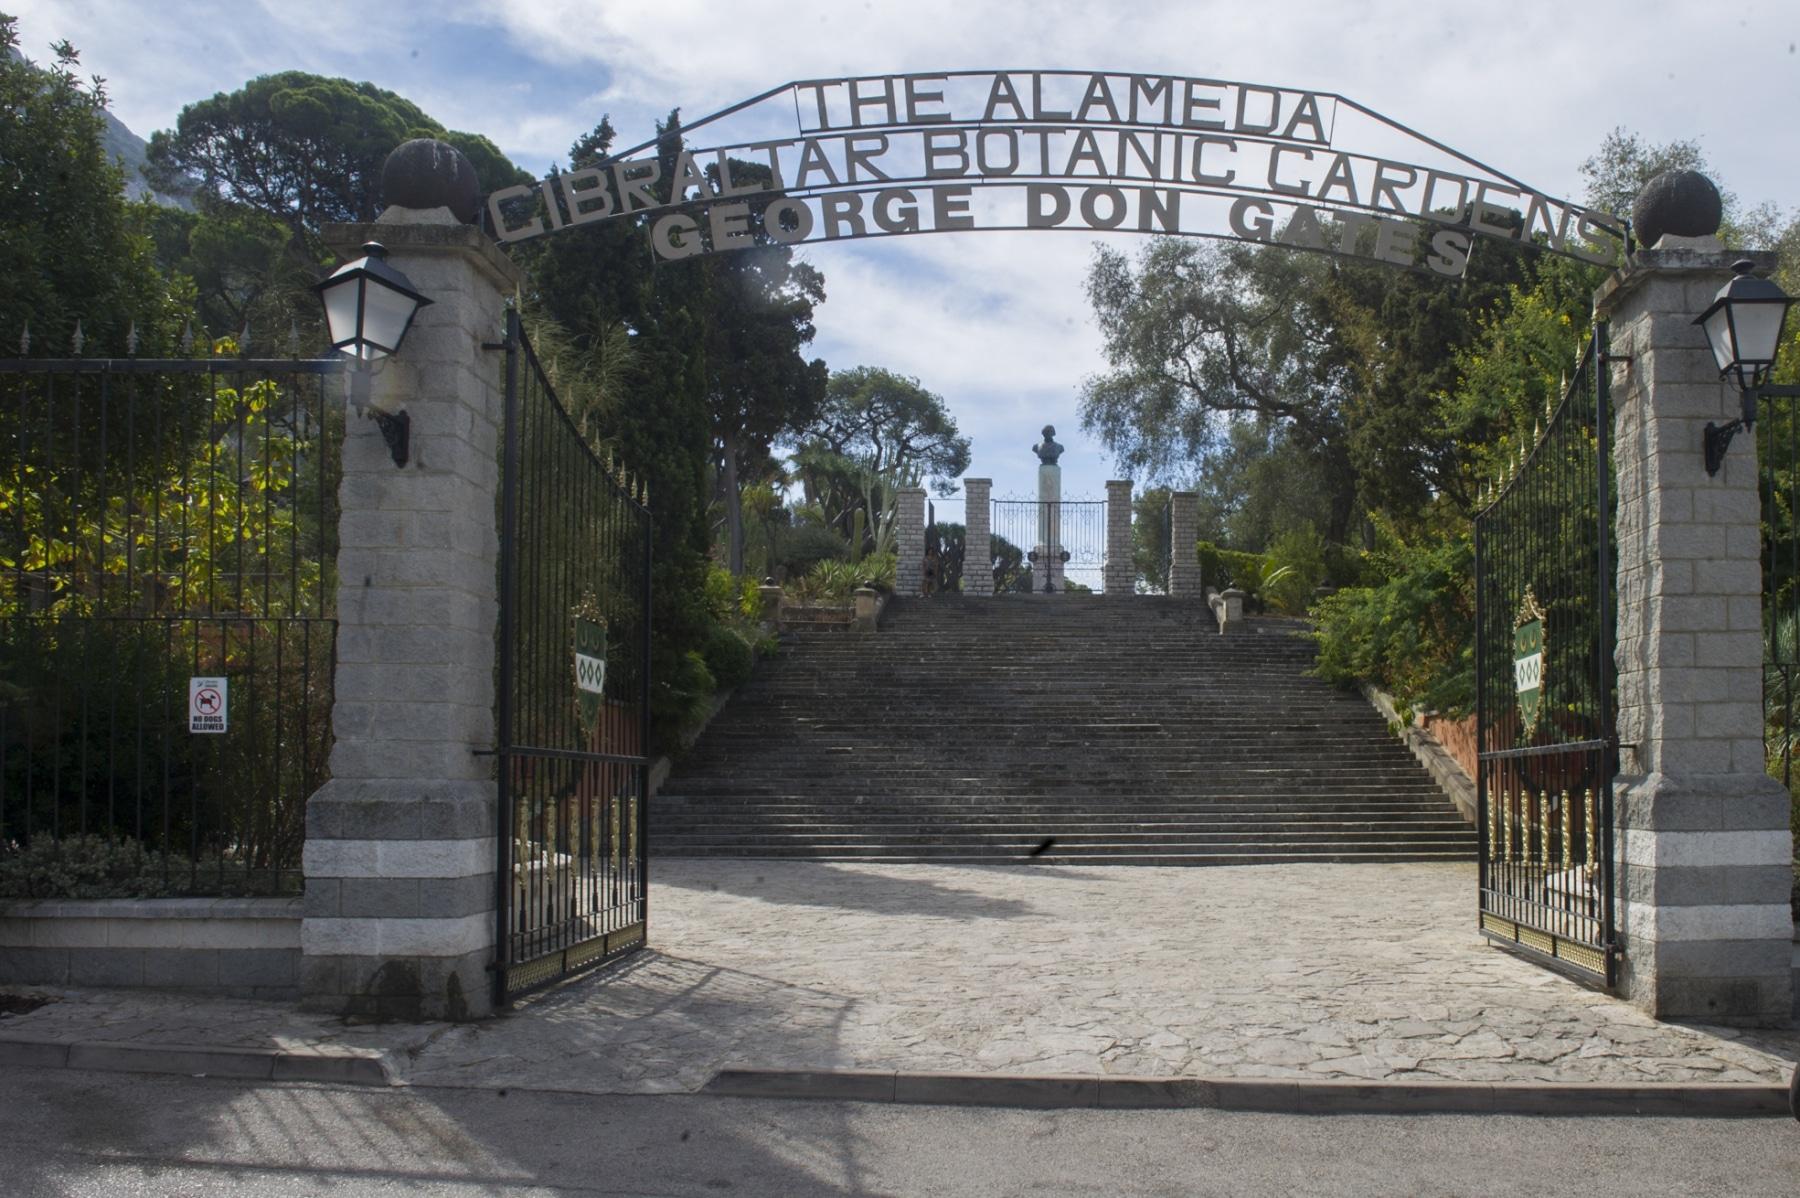 turismo-en-gibraltar-092015-565_22123268403_o